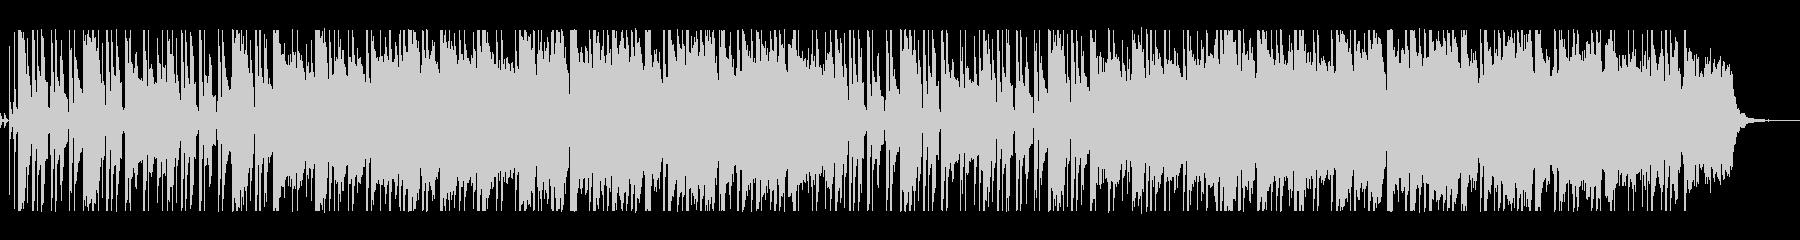 ボサノバのリズムのさわやかな曲の未再生の波形